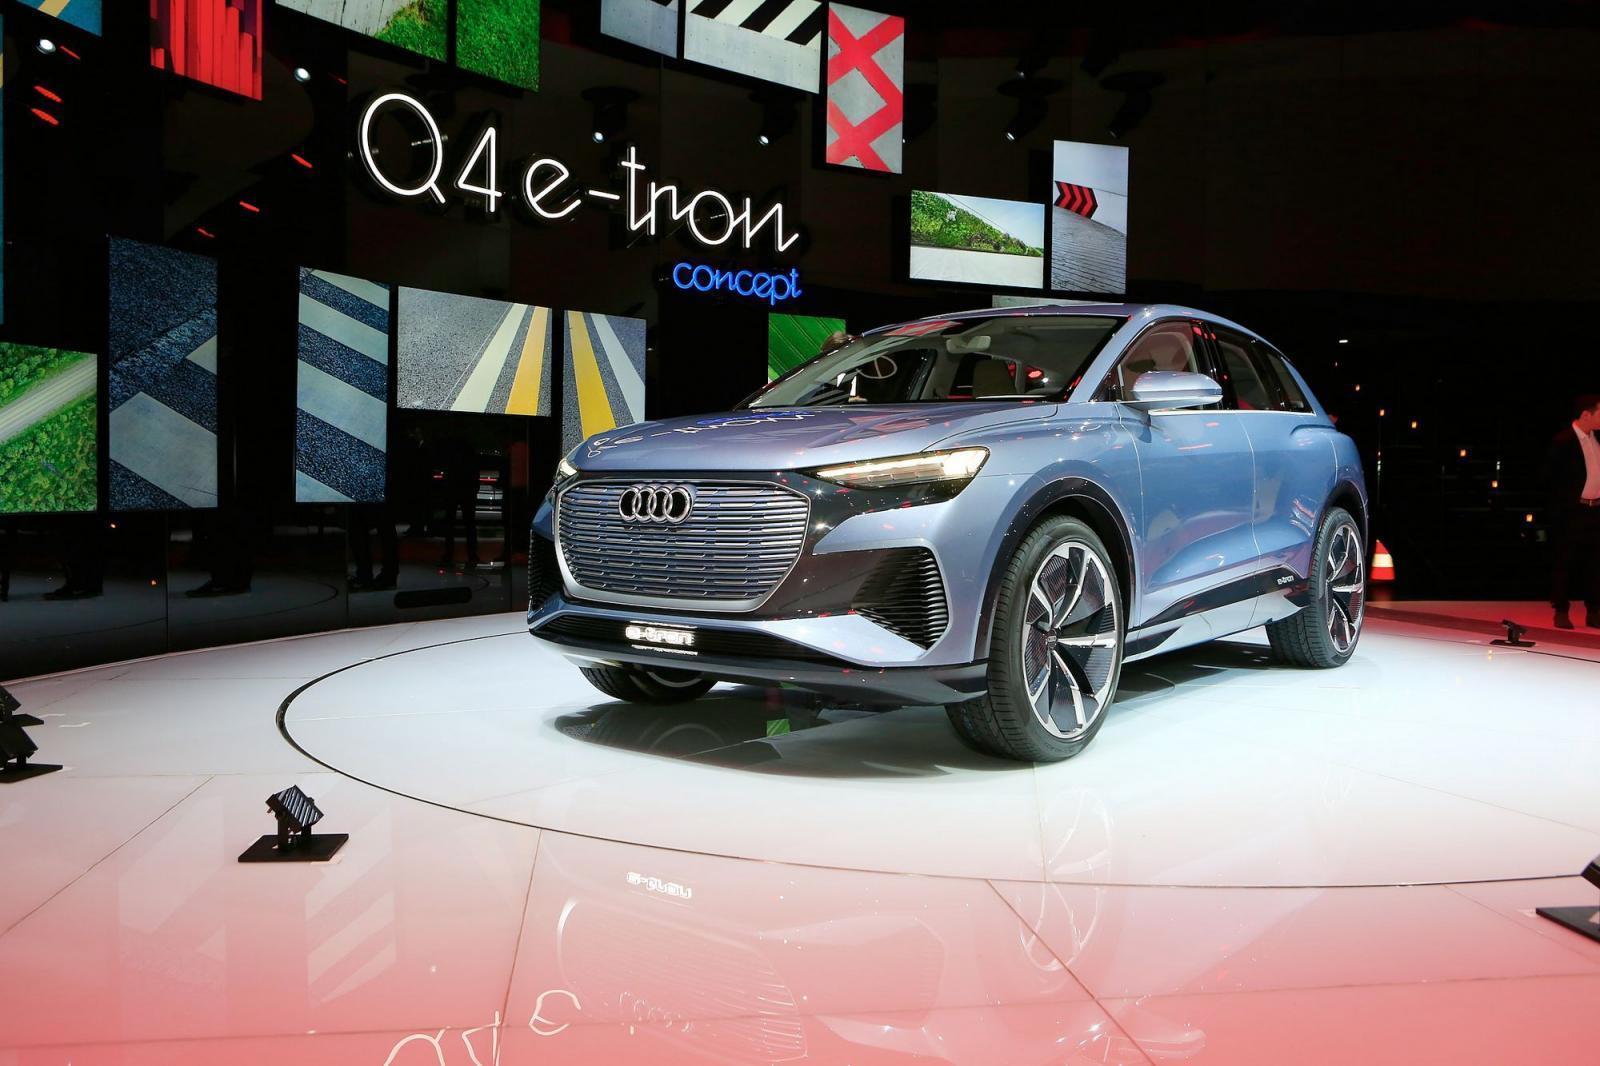 Audi Q4 chạy điện có nhiều điểm tương đồng với các dòng xe gắn mác e-tron trước đó của thương hiệu Đức nhưng vẫn sở hữu cá tính riêng đủ mạnh để không bị đánh đồng